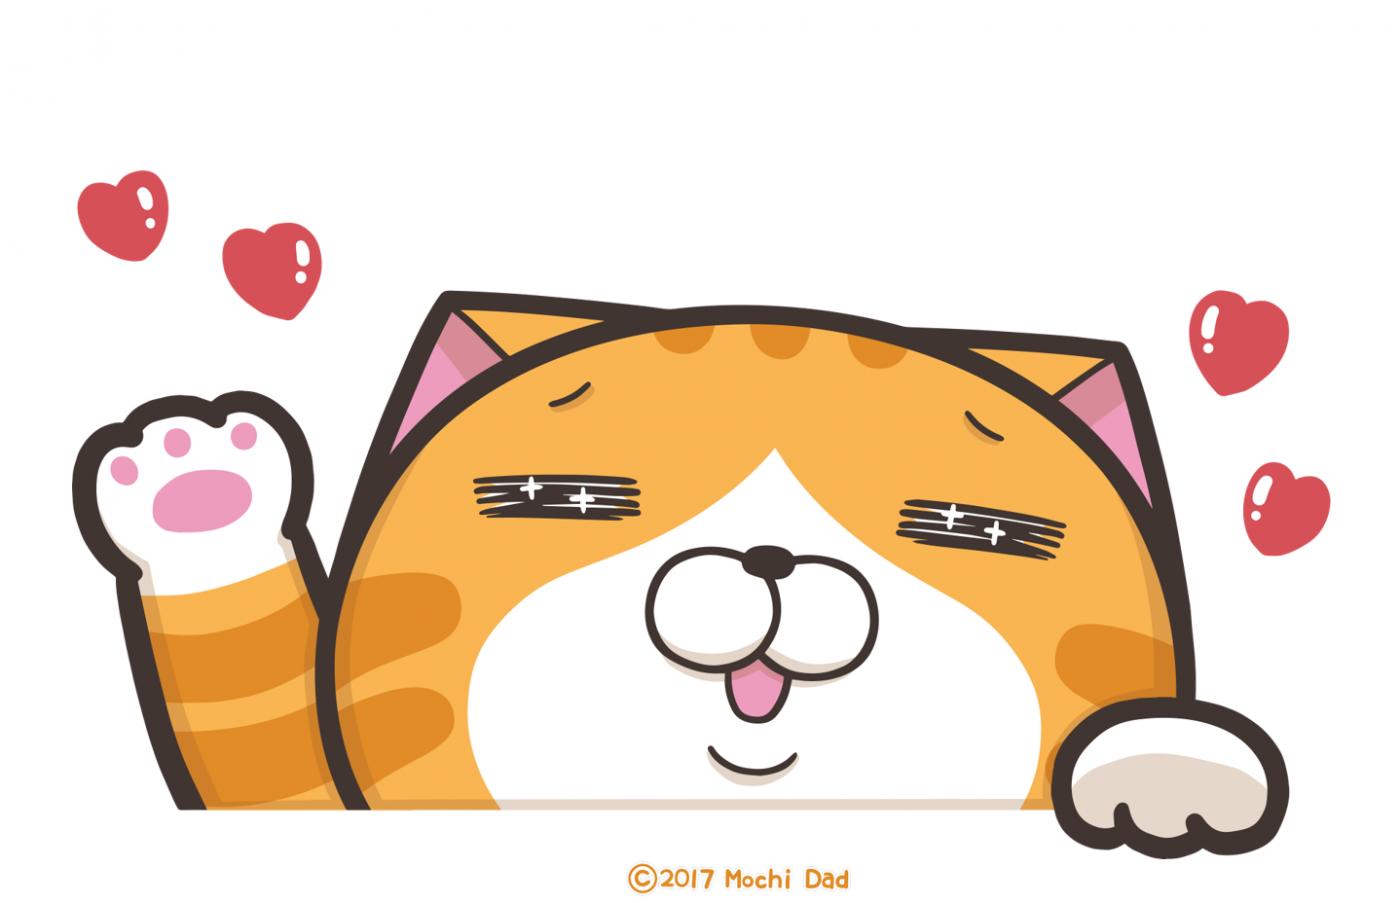 LINE貼圖熱銷榜由白爛貓奪冠,前十名平均銷售額約5千萬元